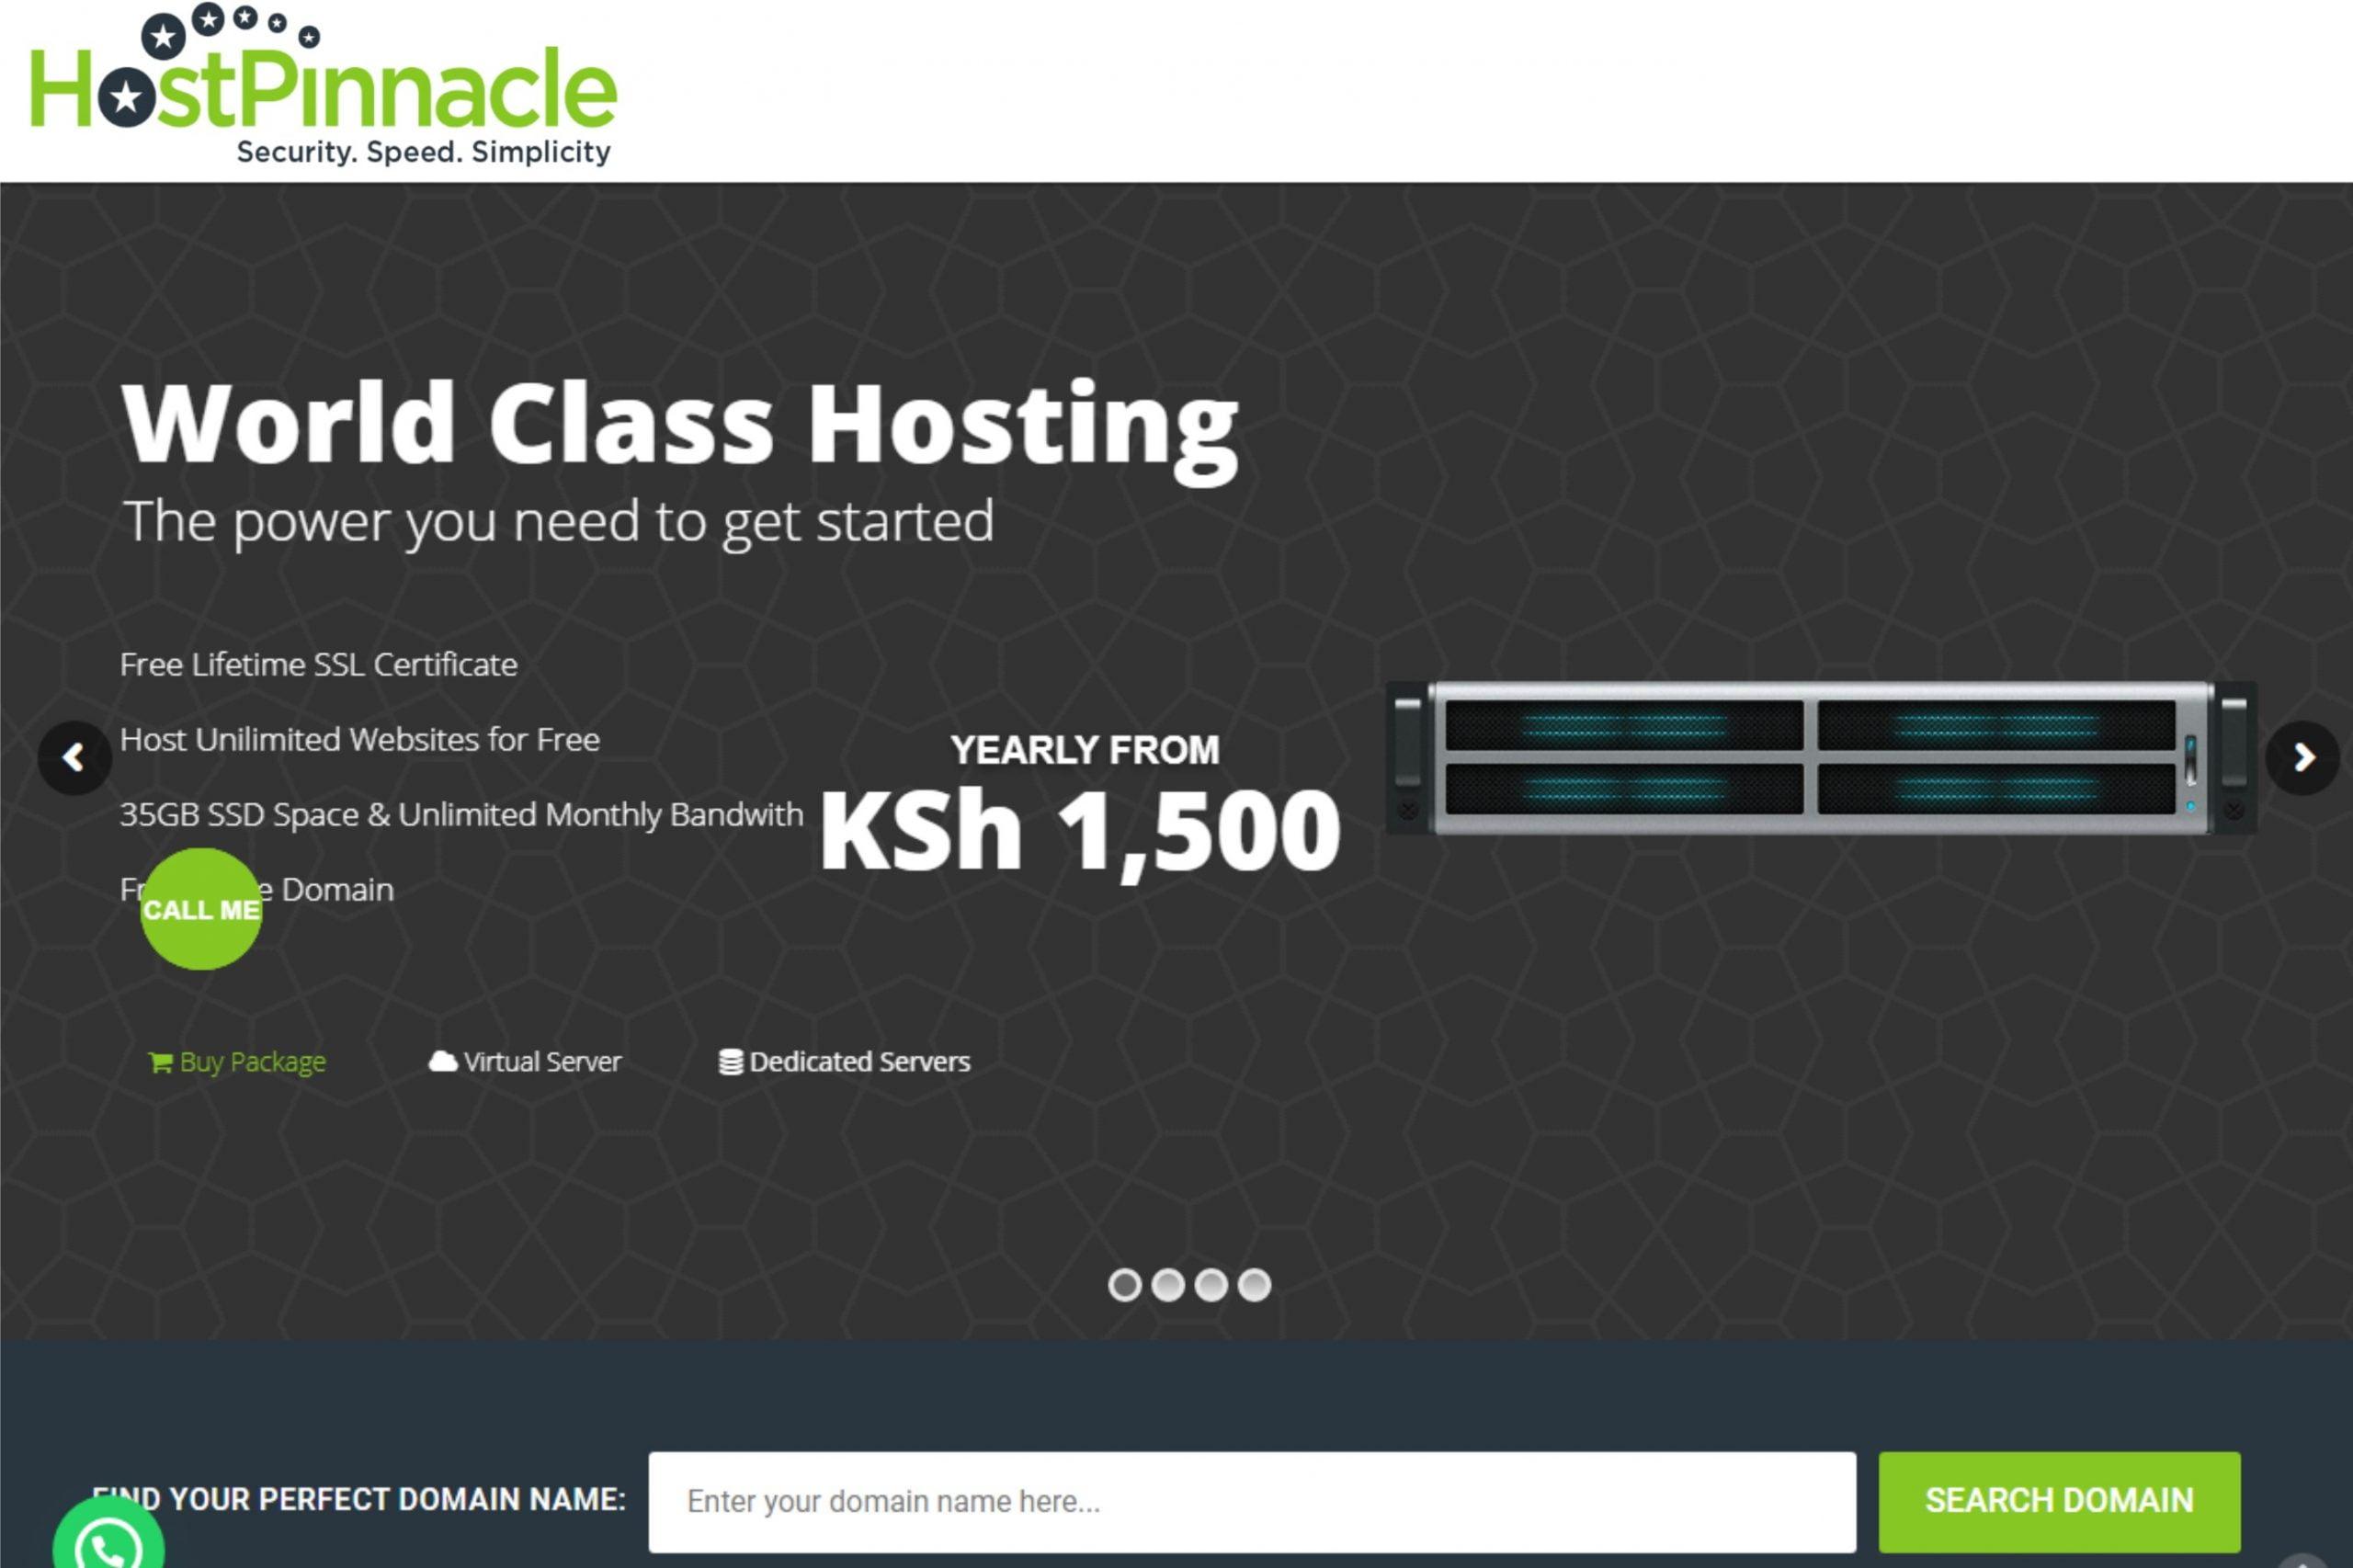 Hostpinnacle Web Hosting in Kenya